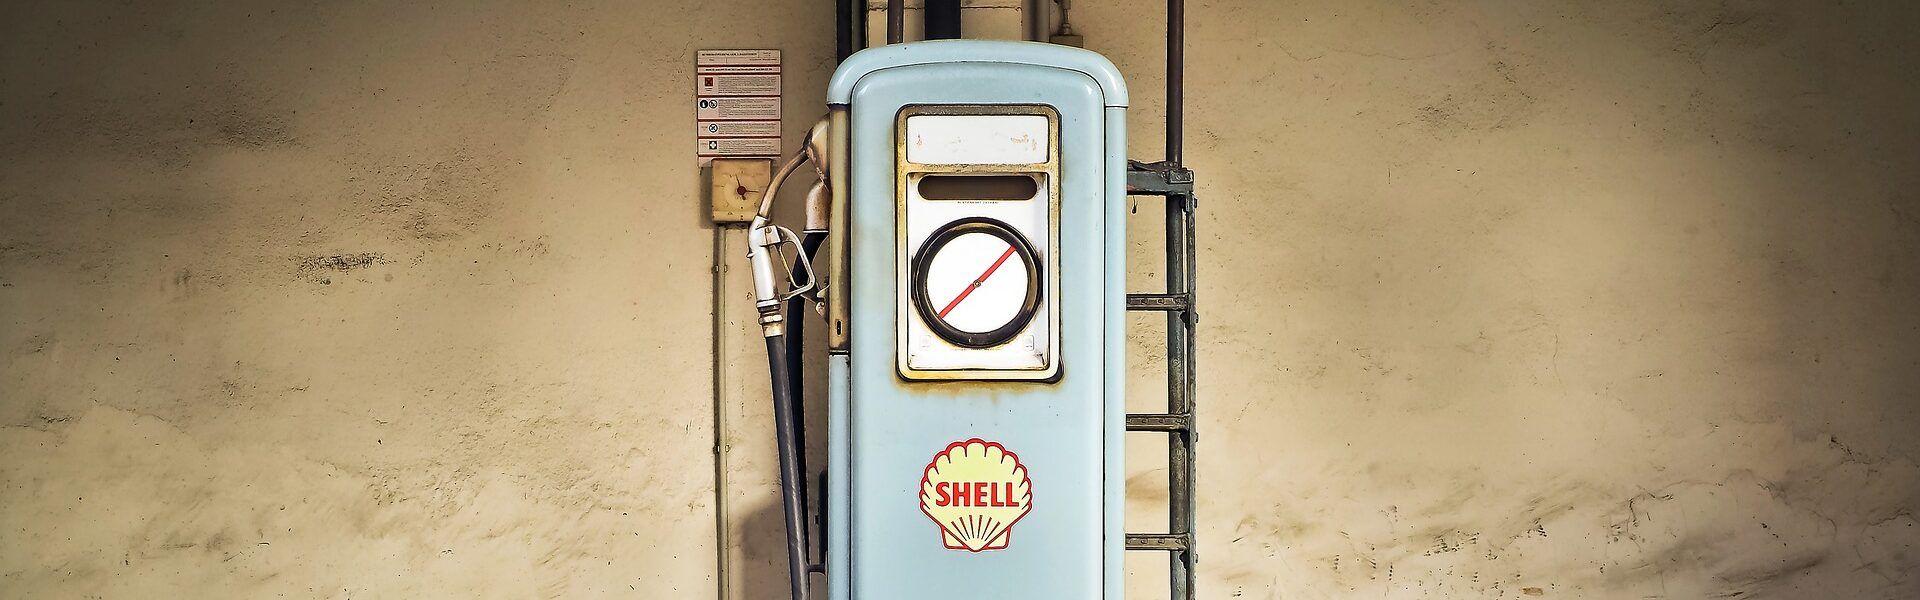 gasta-mas-gasolina-rapido-despacio